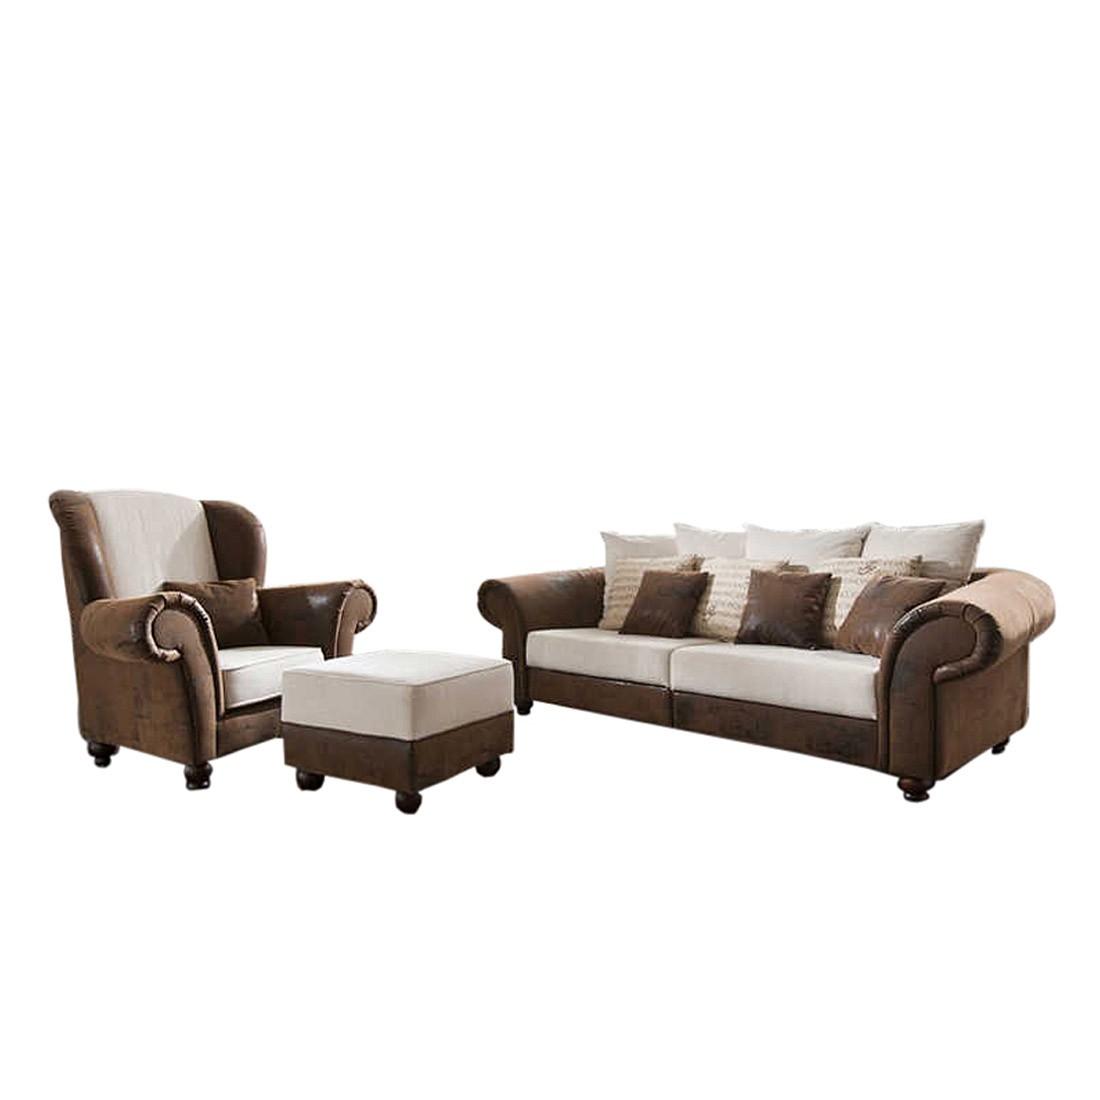 Malerisch Sofa Und Sessel Ideen Von King George Polstergarnitur 3 Teilig 3 Sitzer